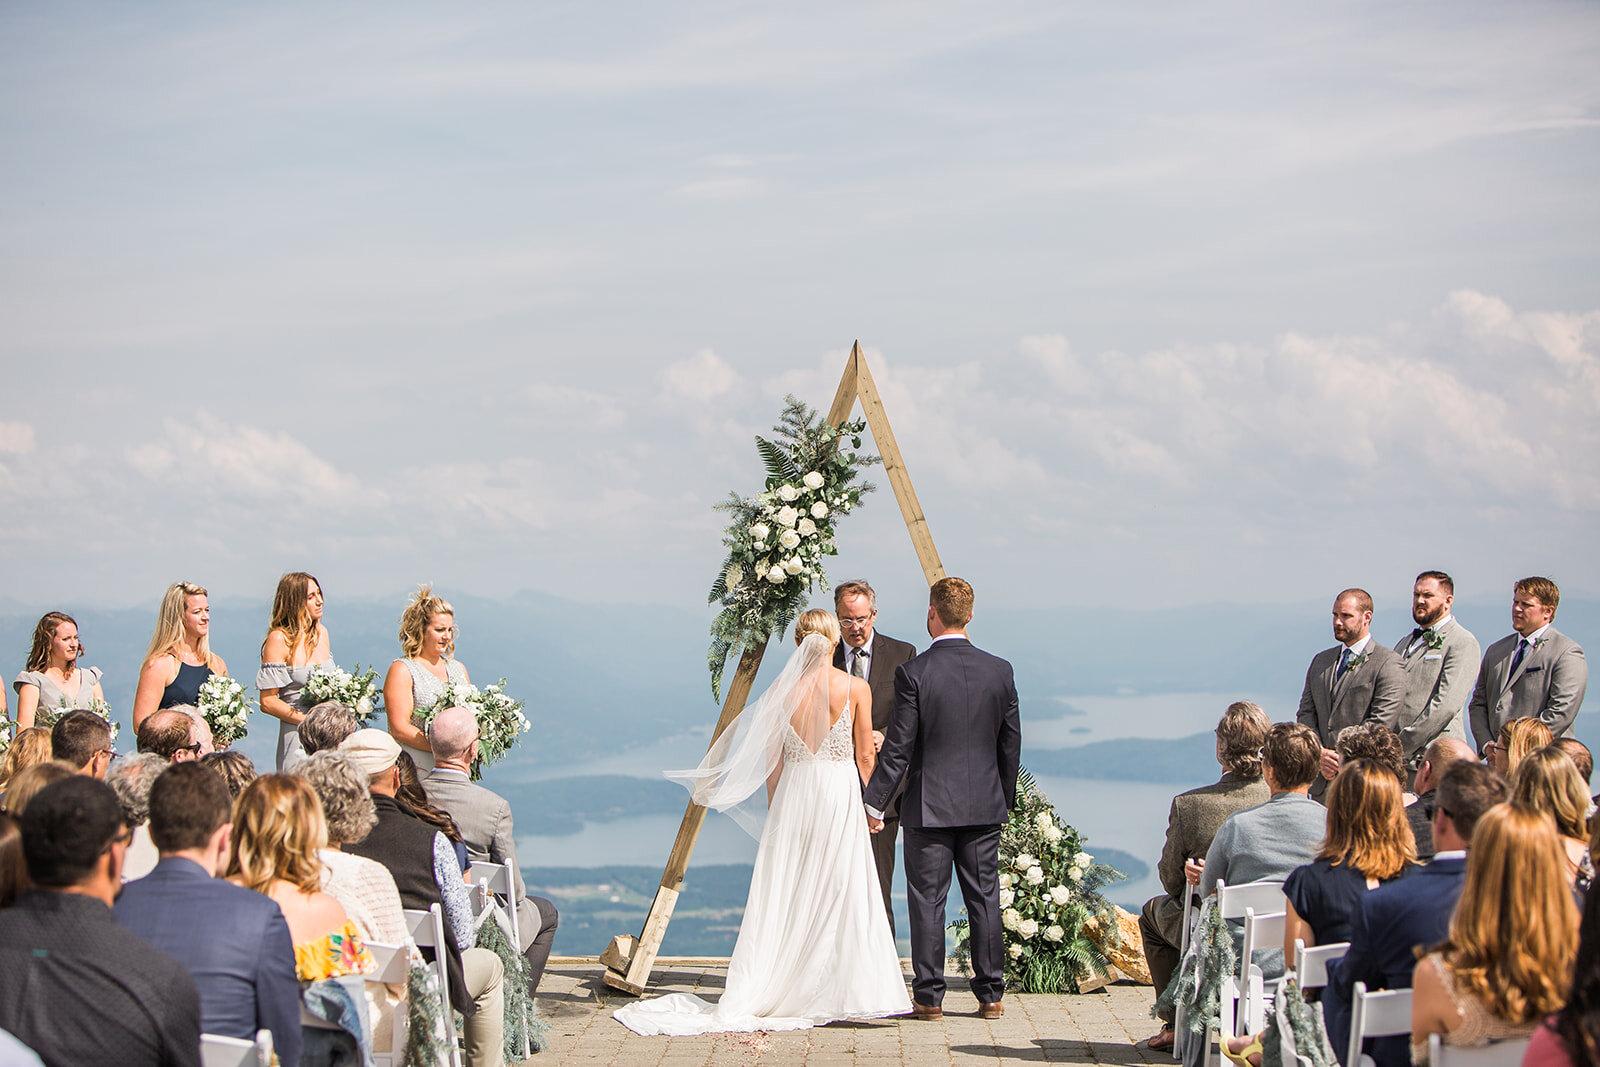 bride and groom spokane wedding schweitzer ceremony